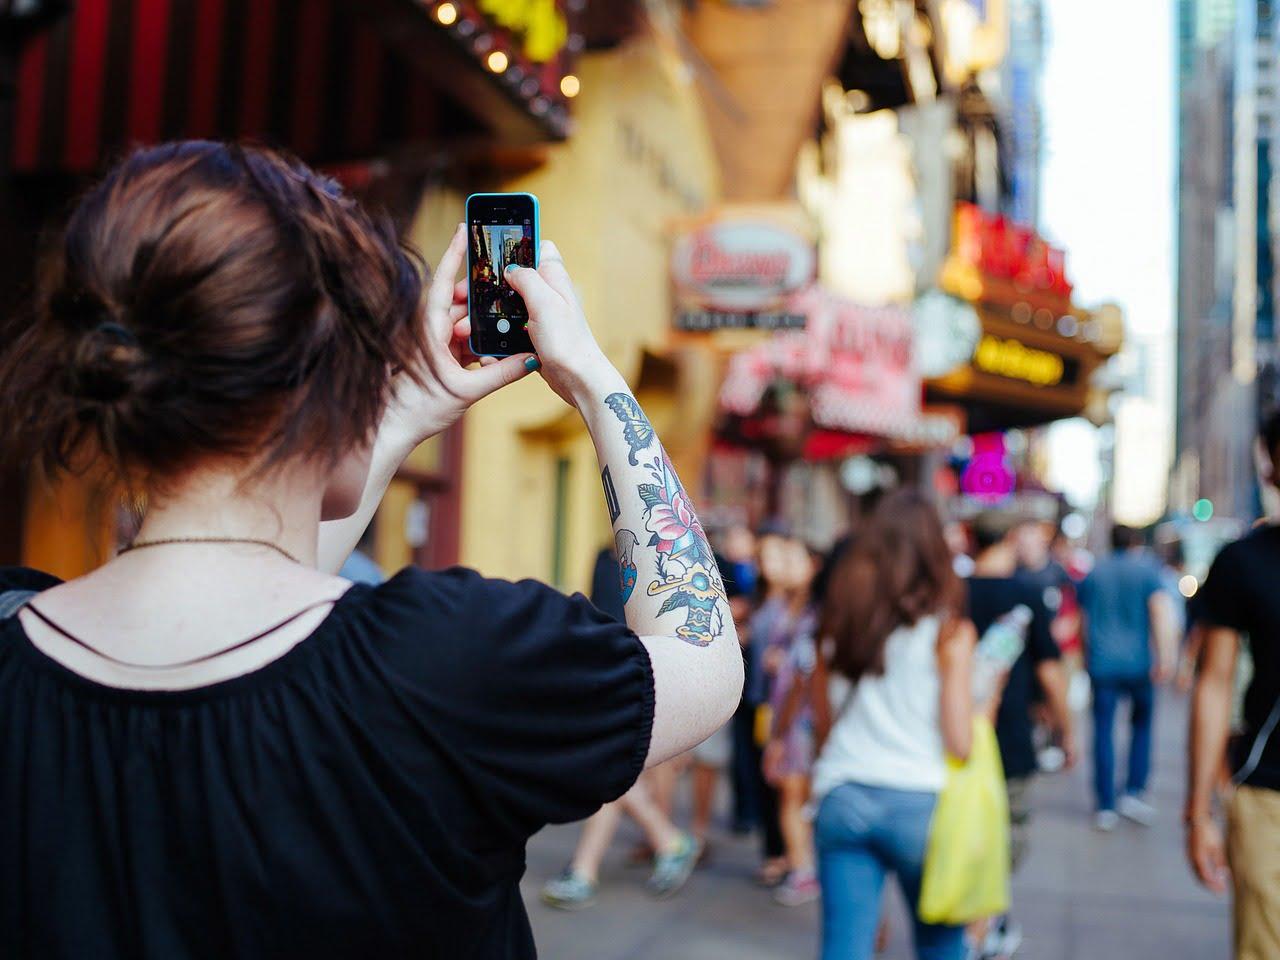 Fiatal lány selfie-t készít